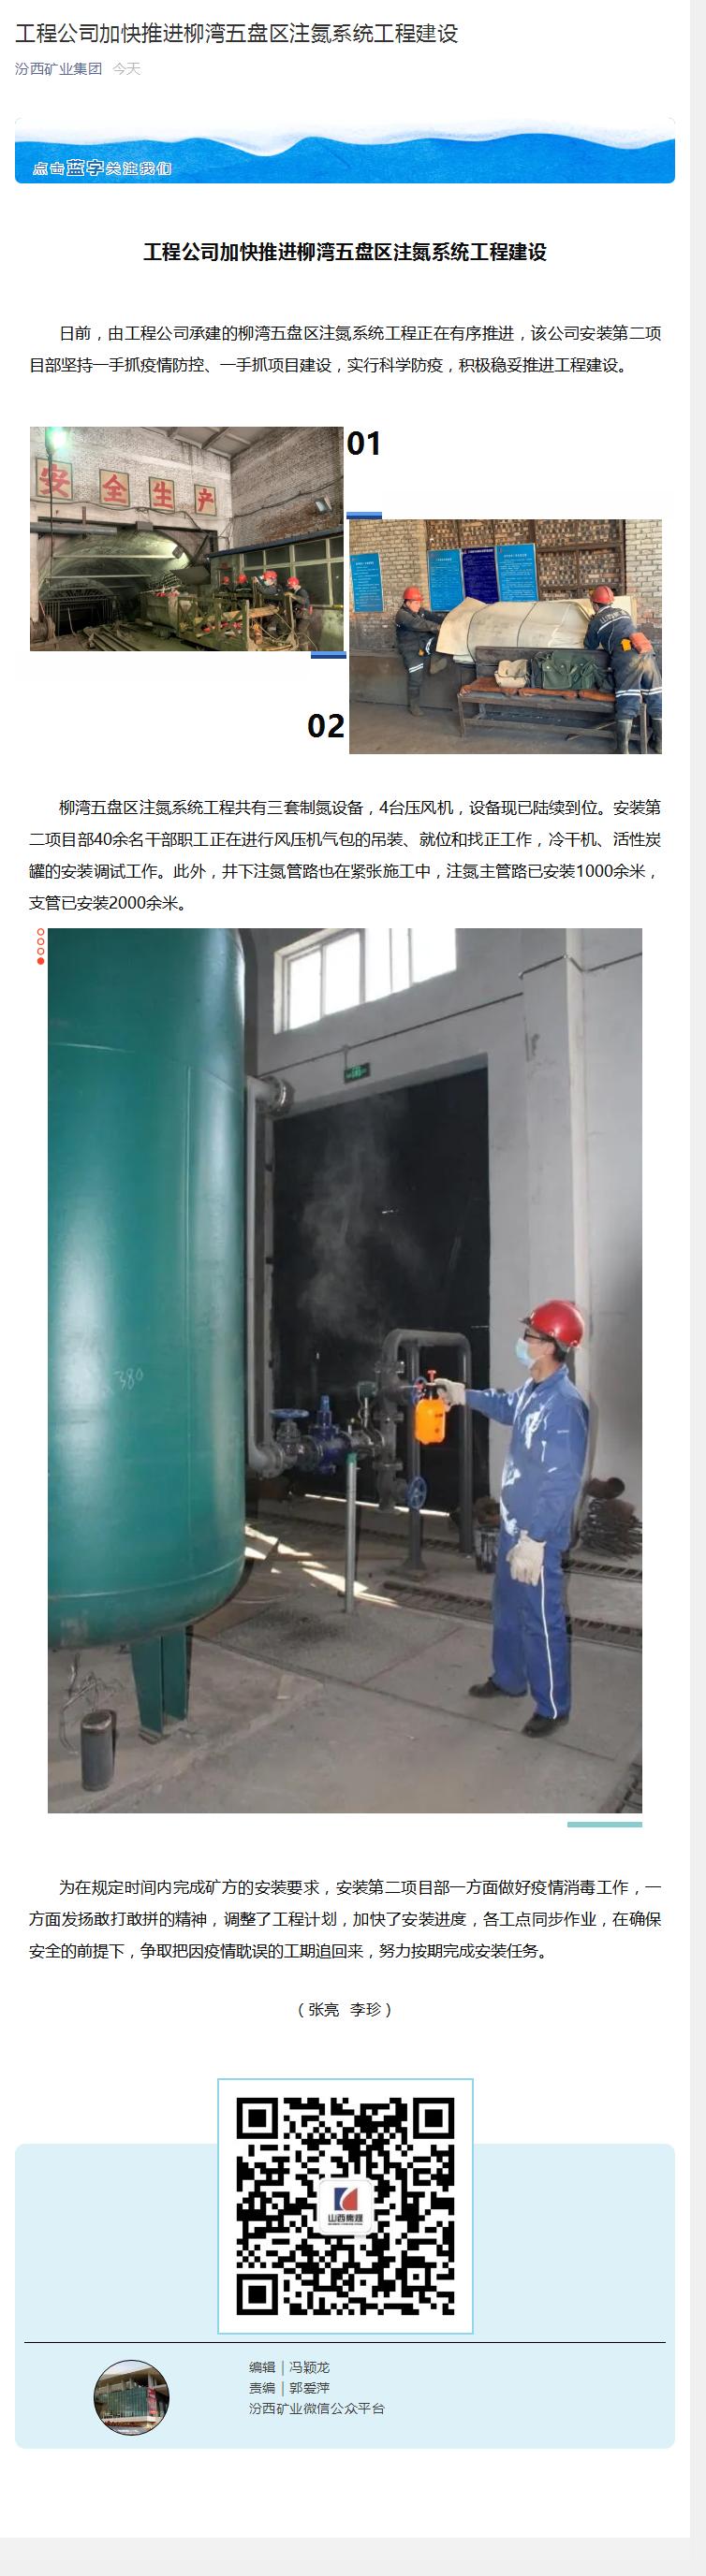 工程公司加快推进柳湾五盘区注氮系统工程建设_.png